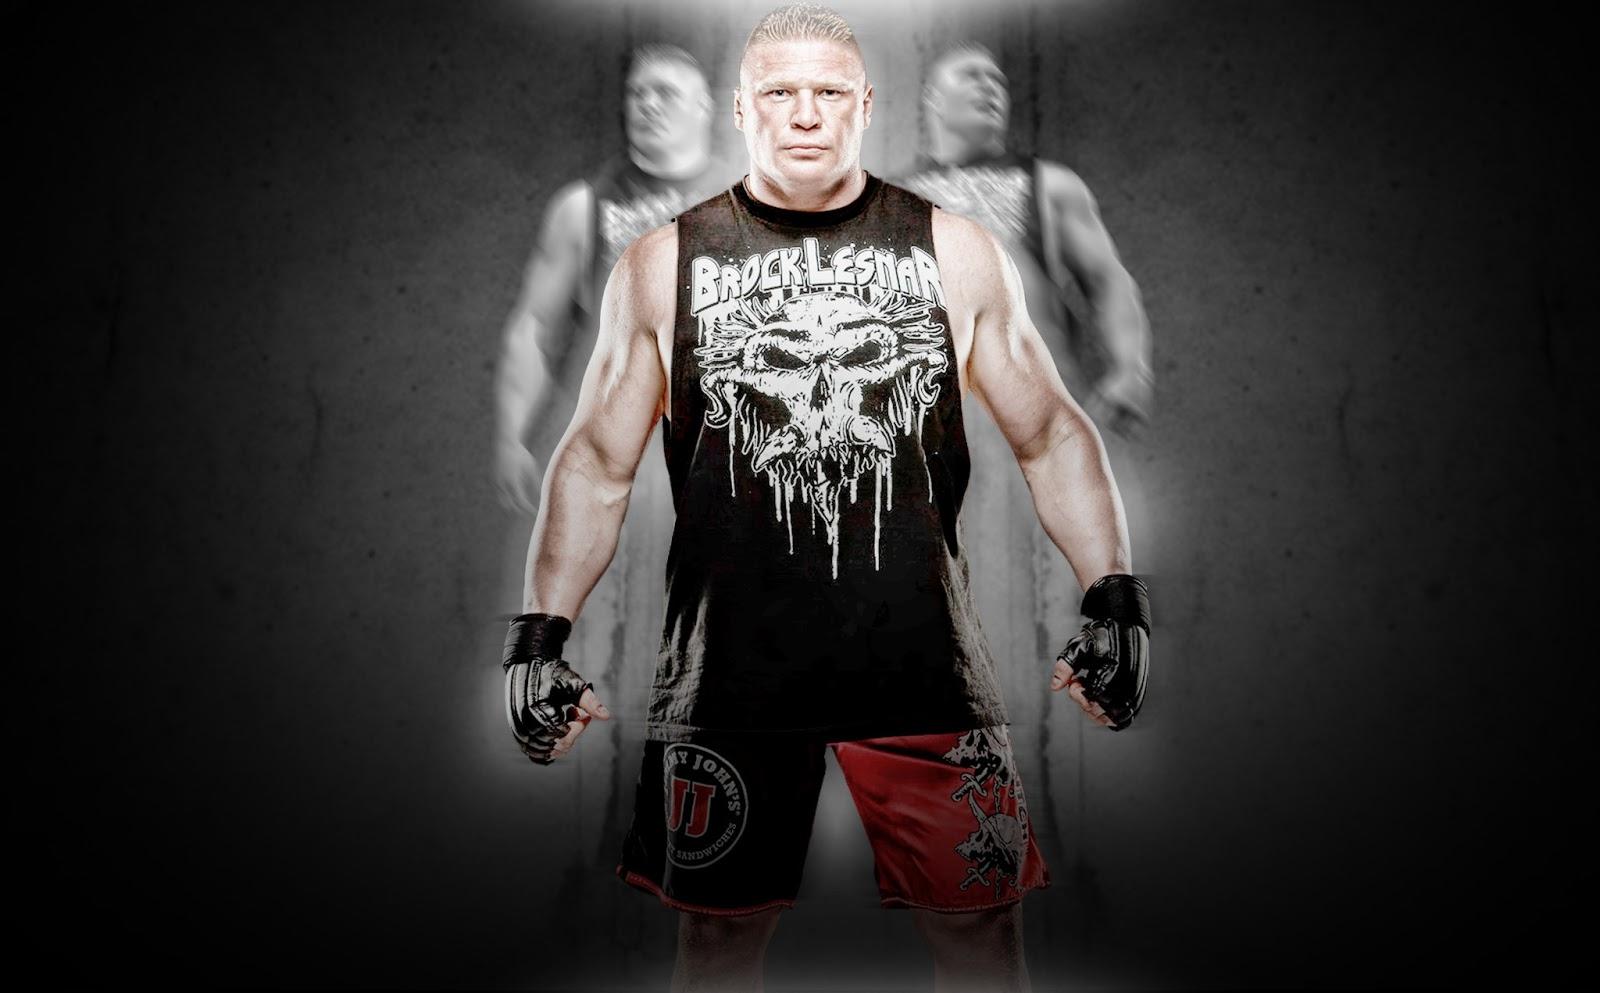 Brock Lesnar HD Wallpapers 2013